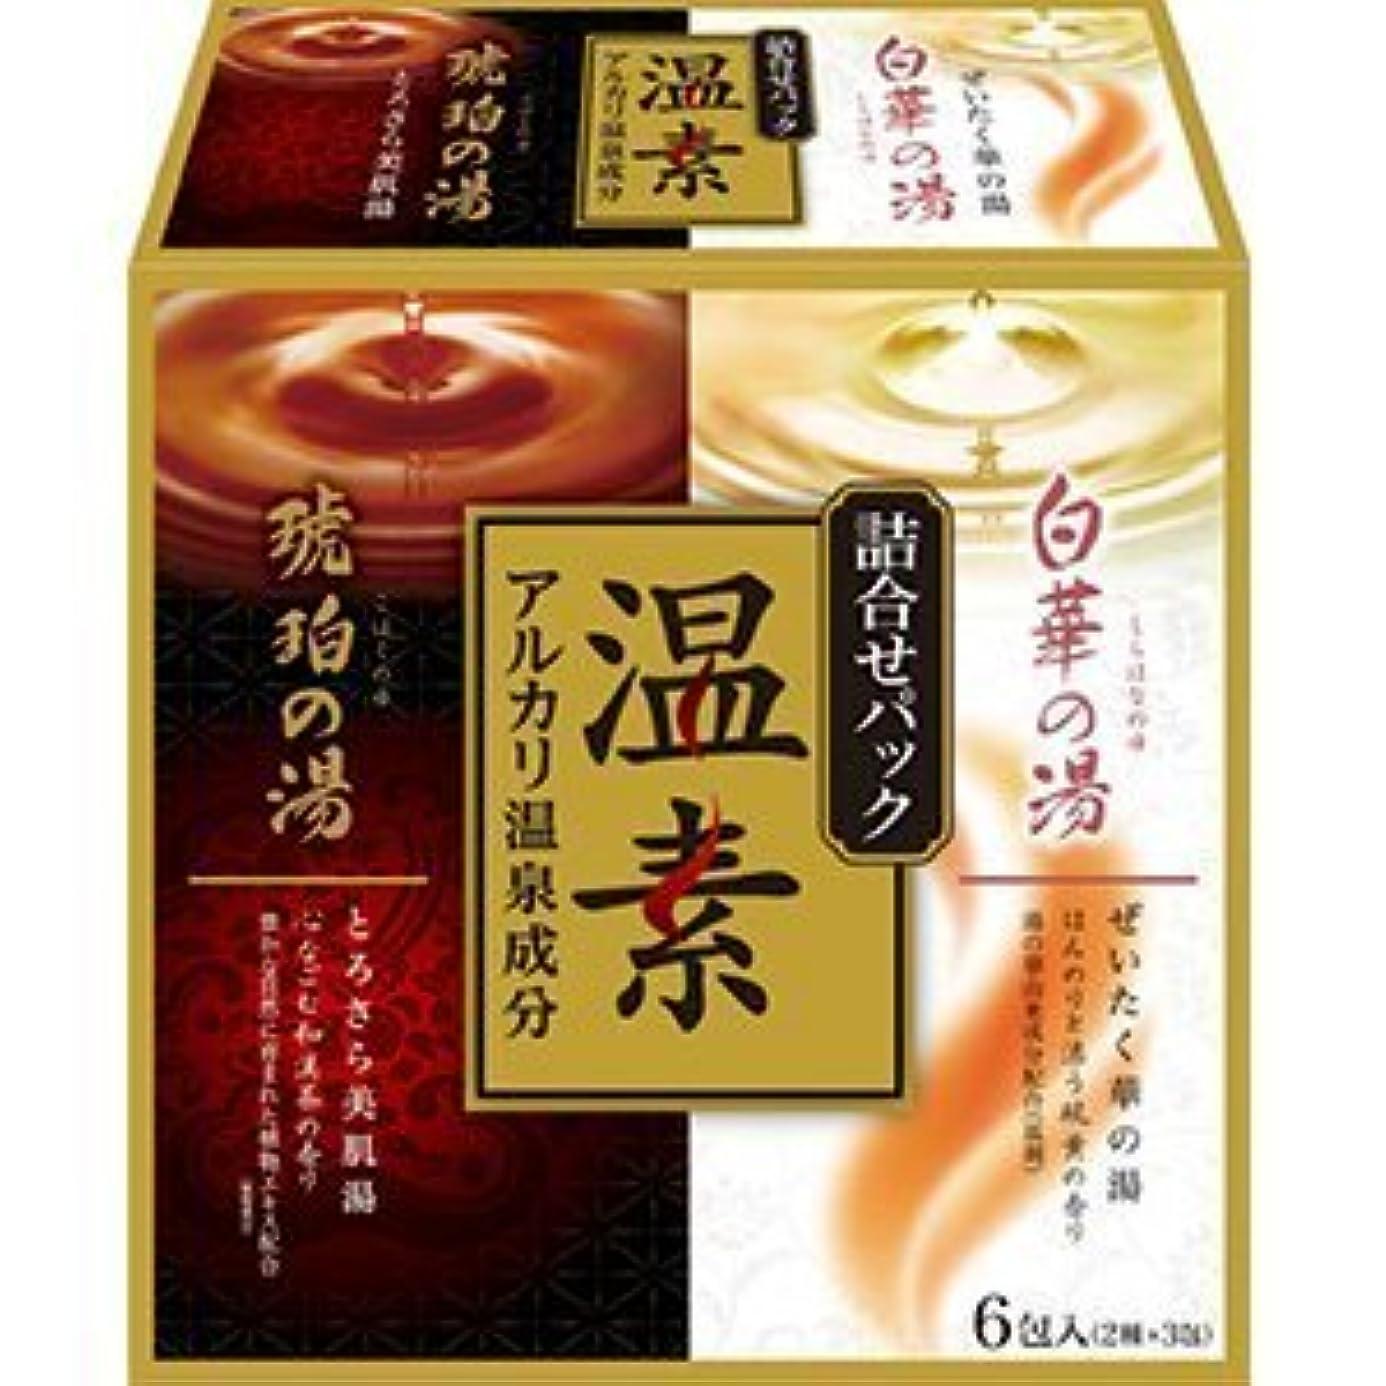 閉じ込める目指すレモン温素 琥珀の湯&白華の湯 詰合せパック × 5個セット